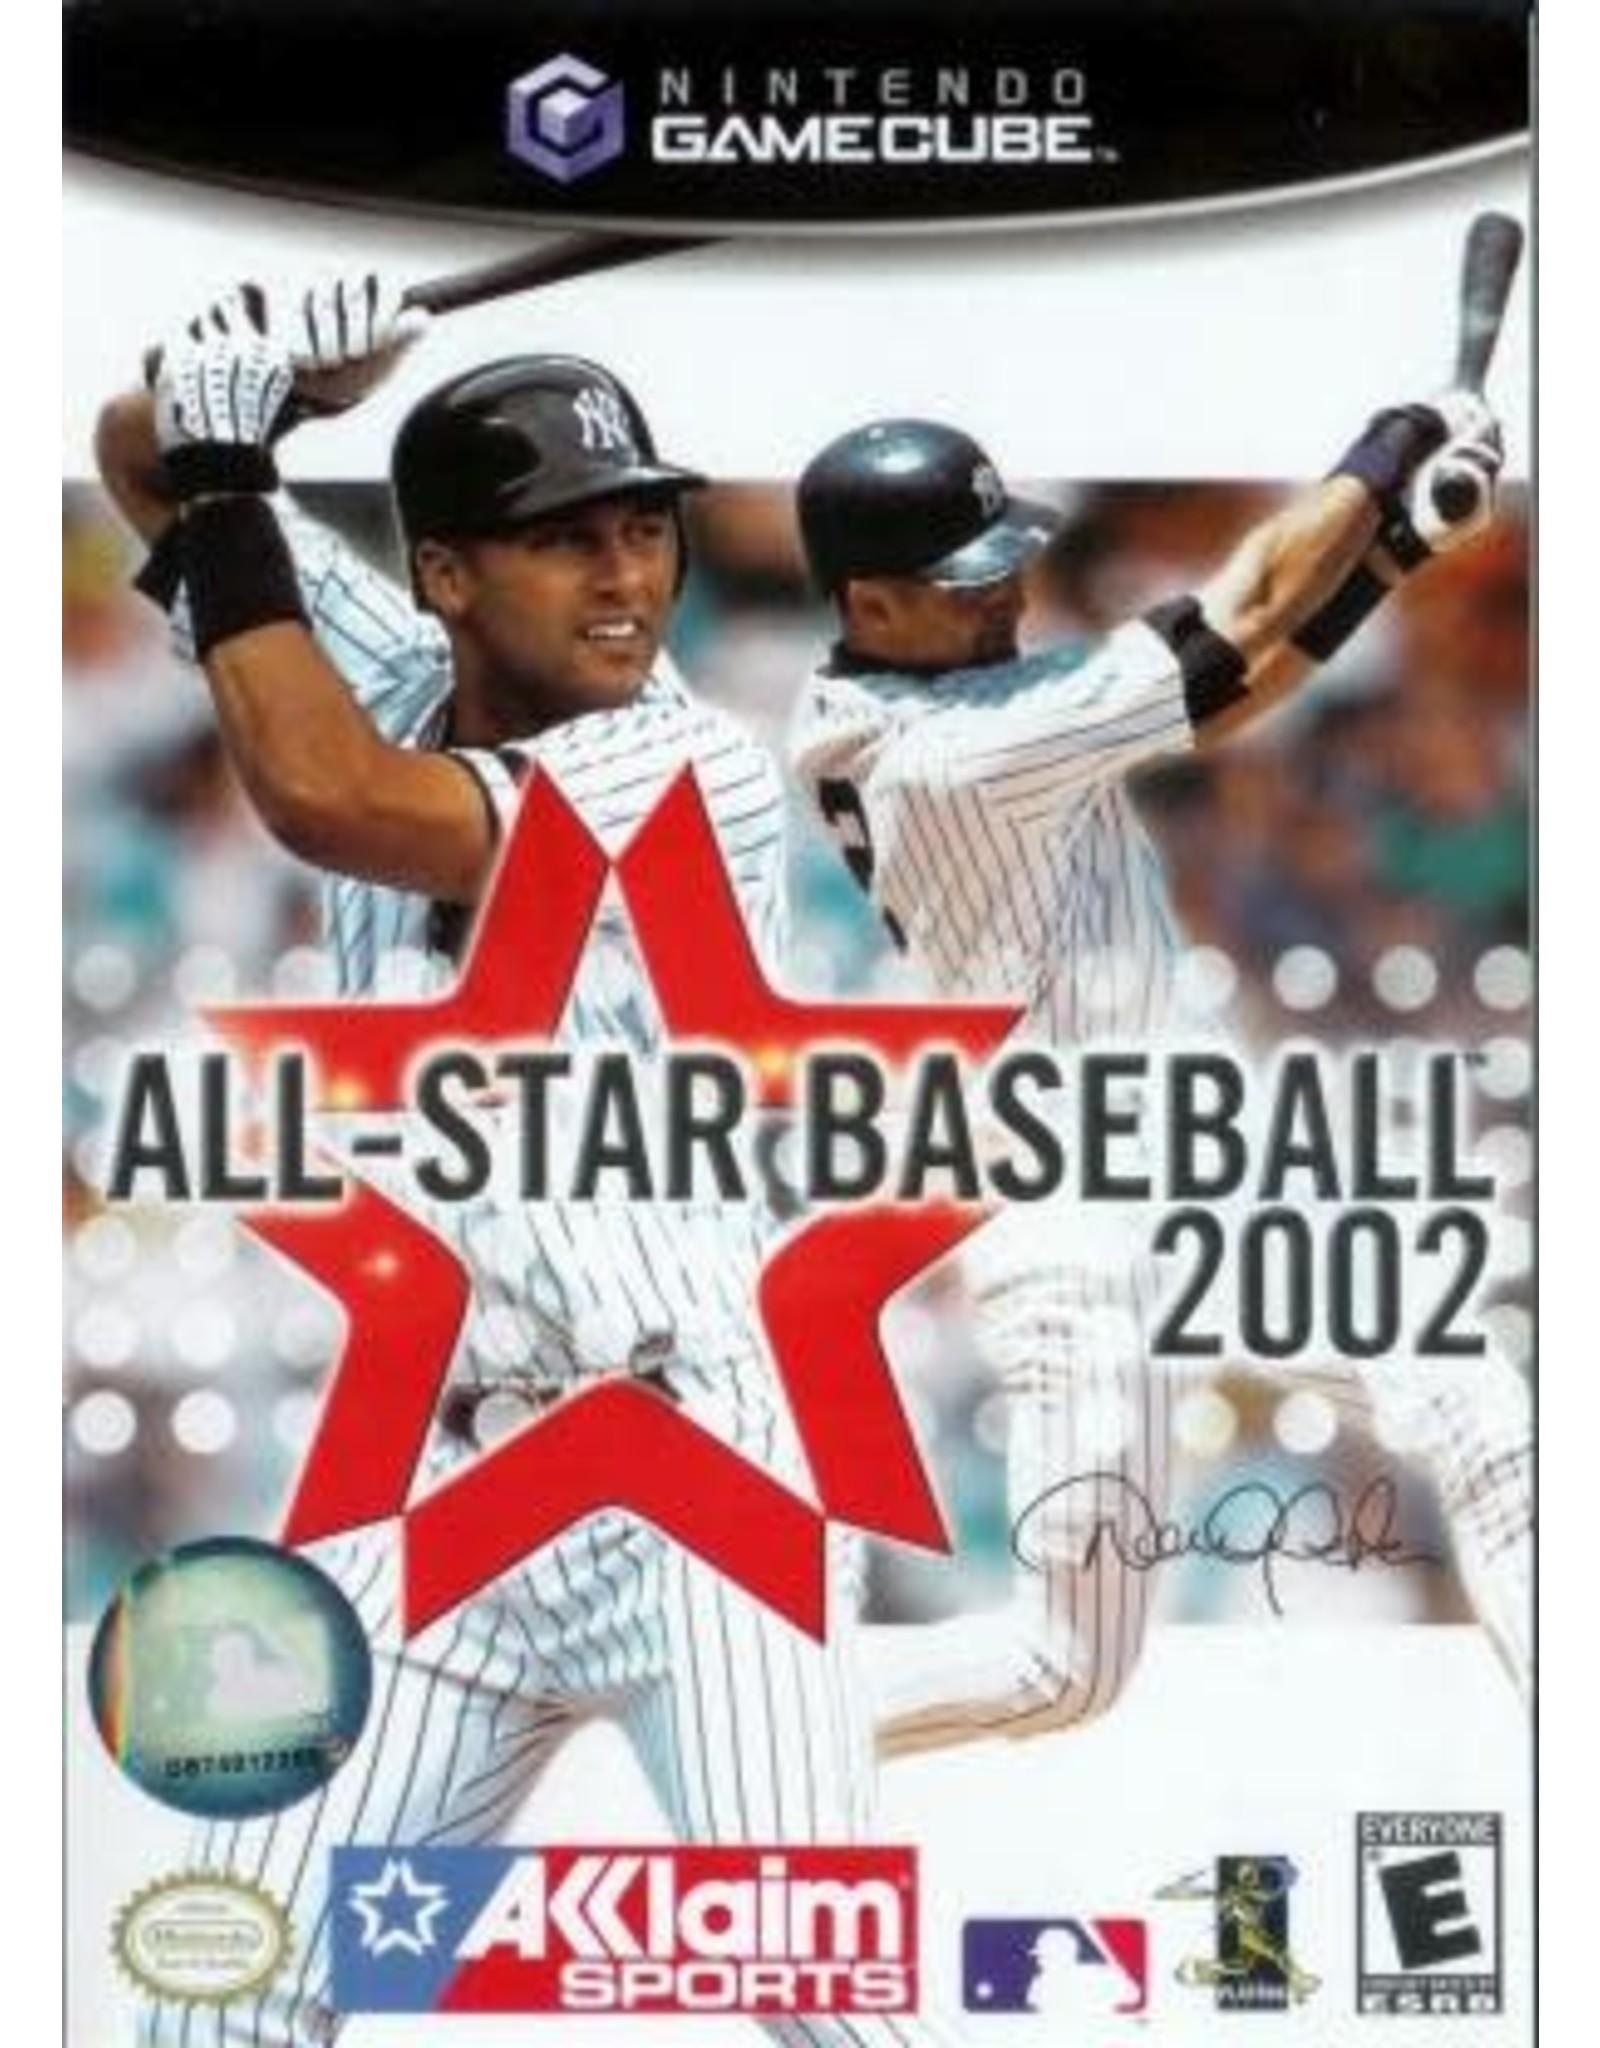 Gamecube All-Star Baseball 2002